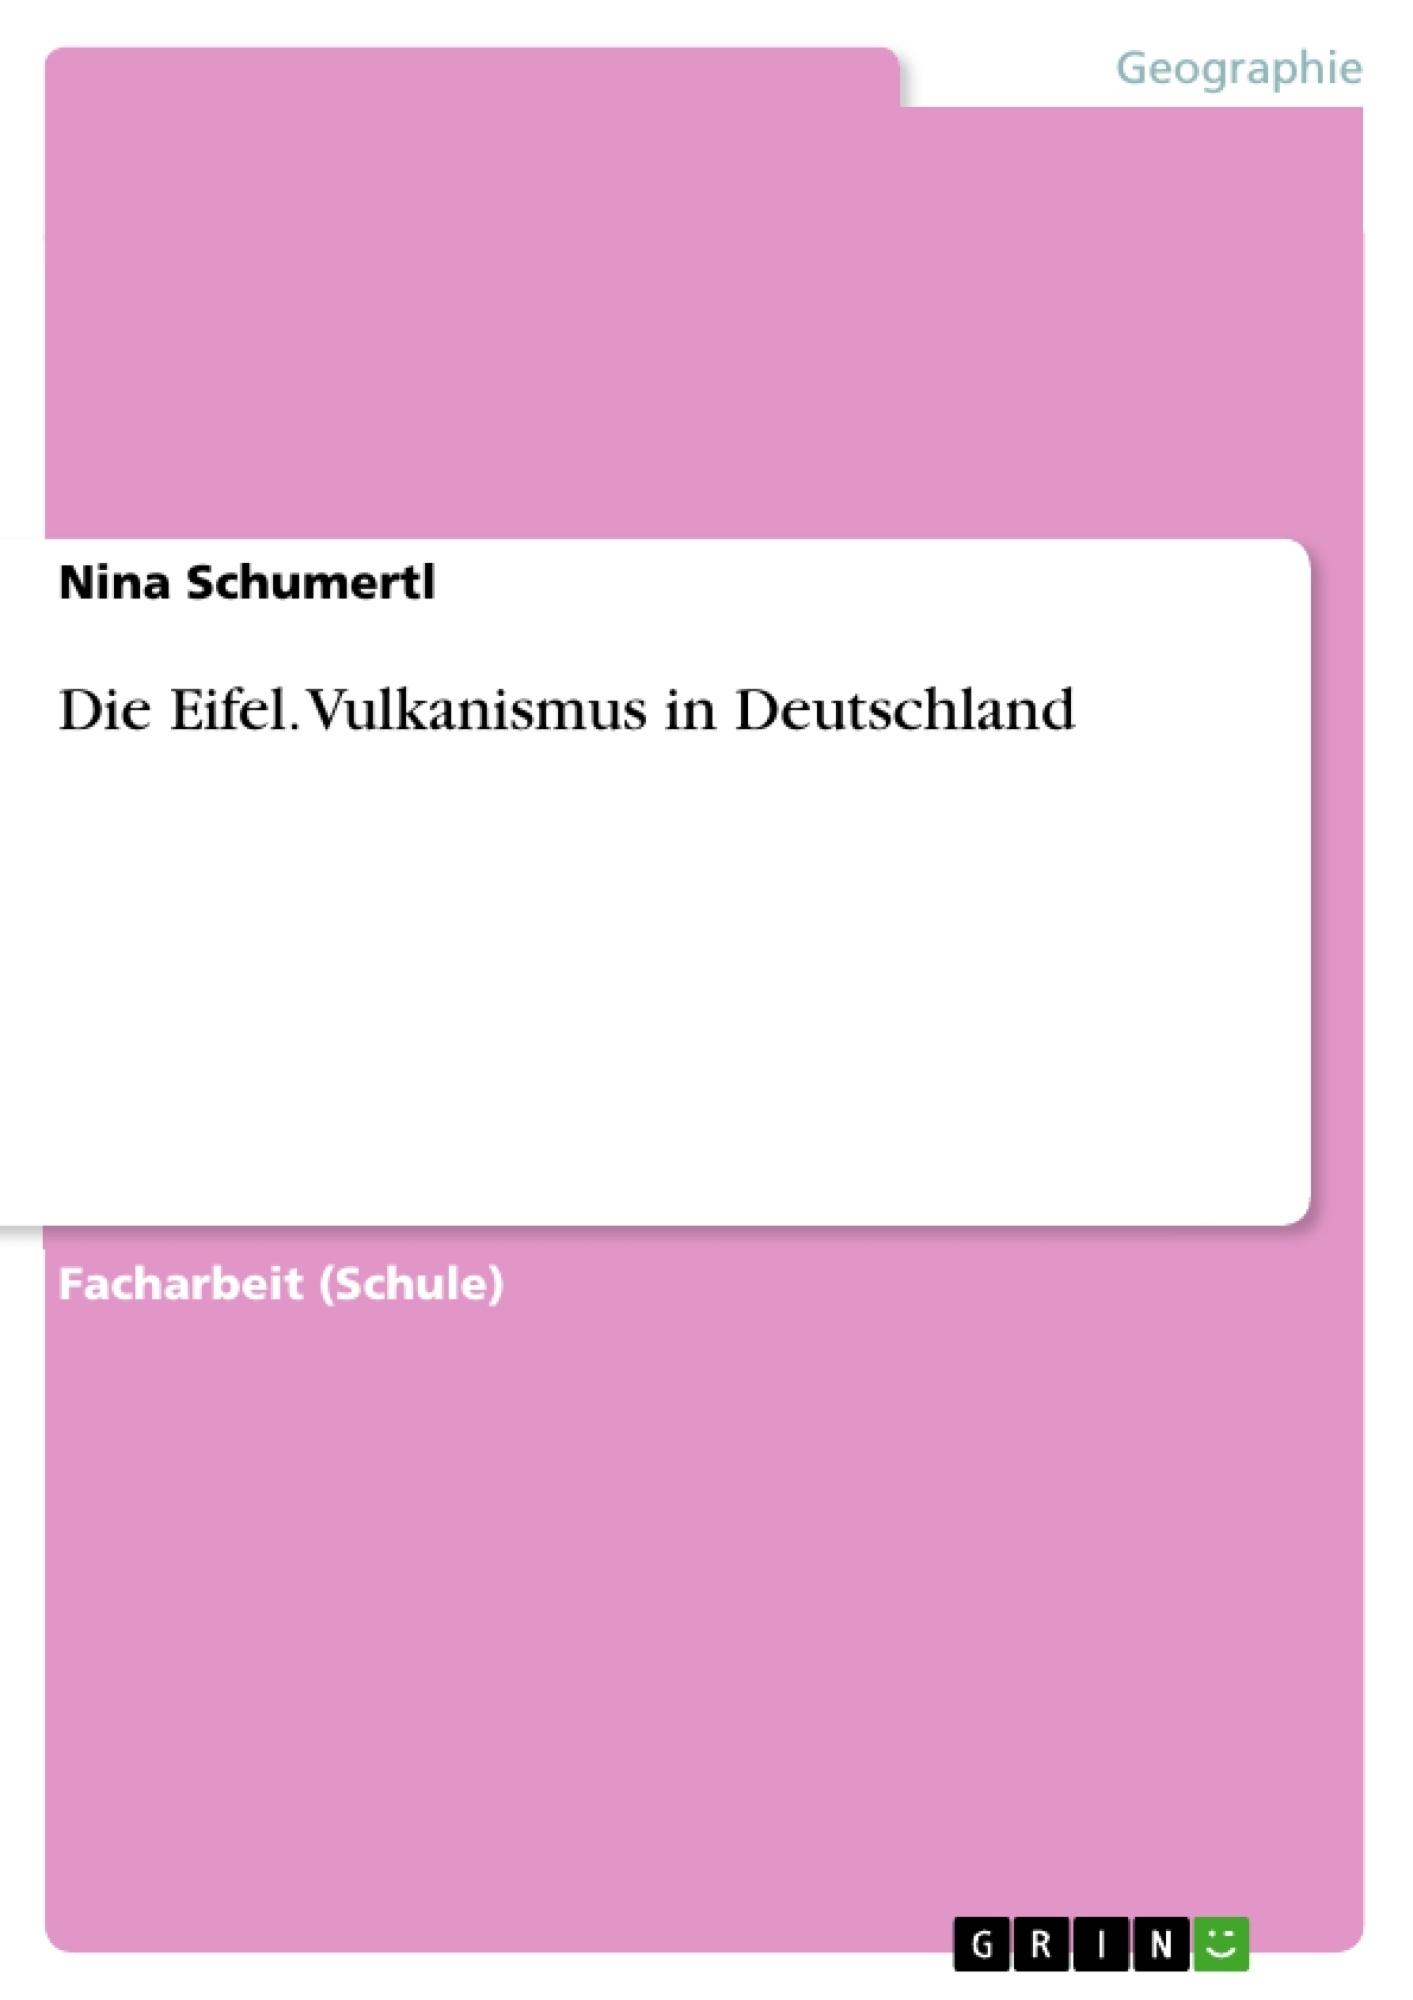 Titel: Die Eifel. Vulkanismus in Deutschland